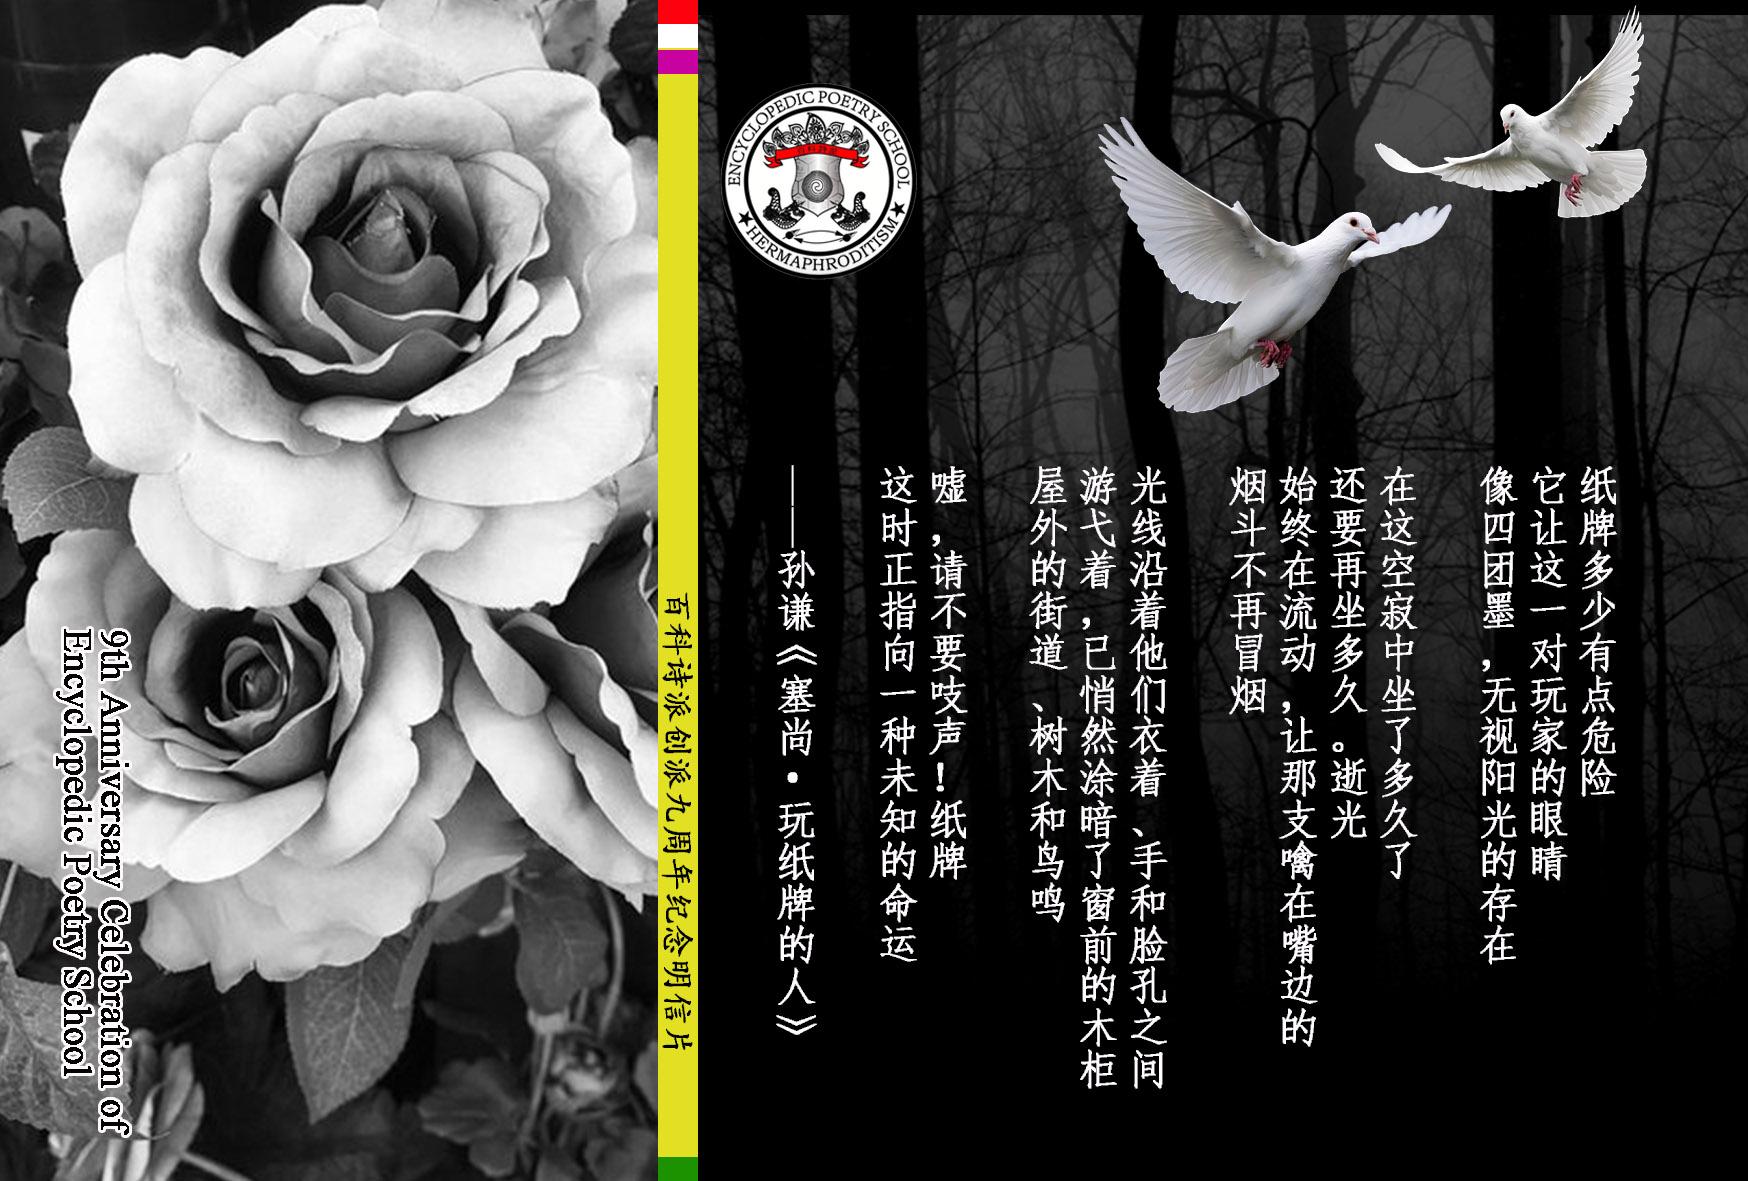 百科诗派九周年纪念明信片